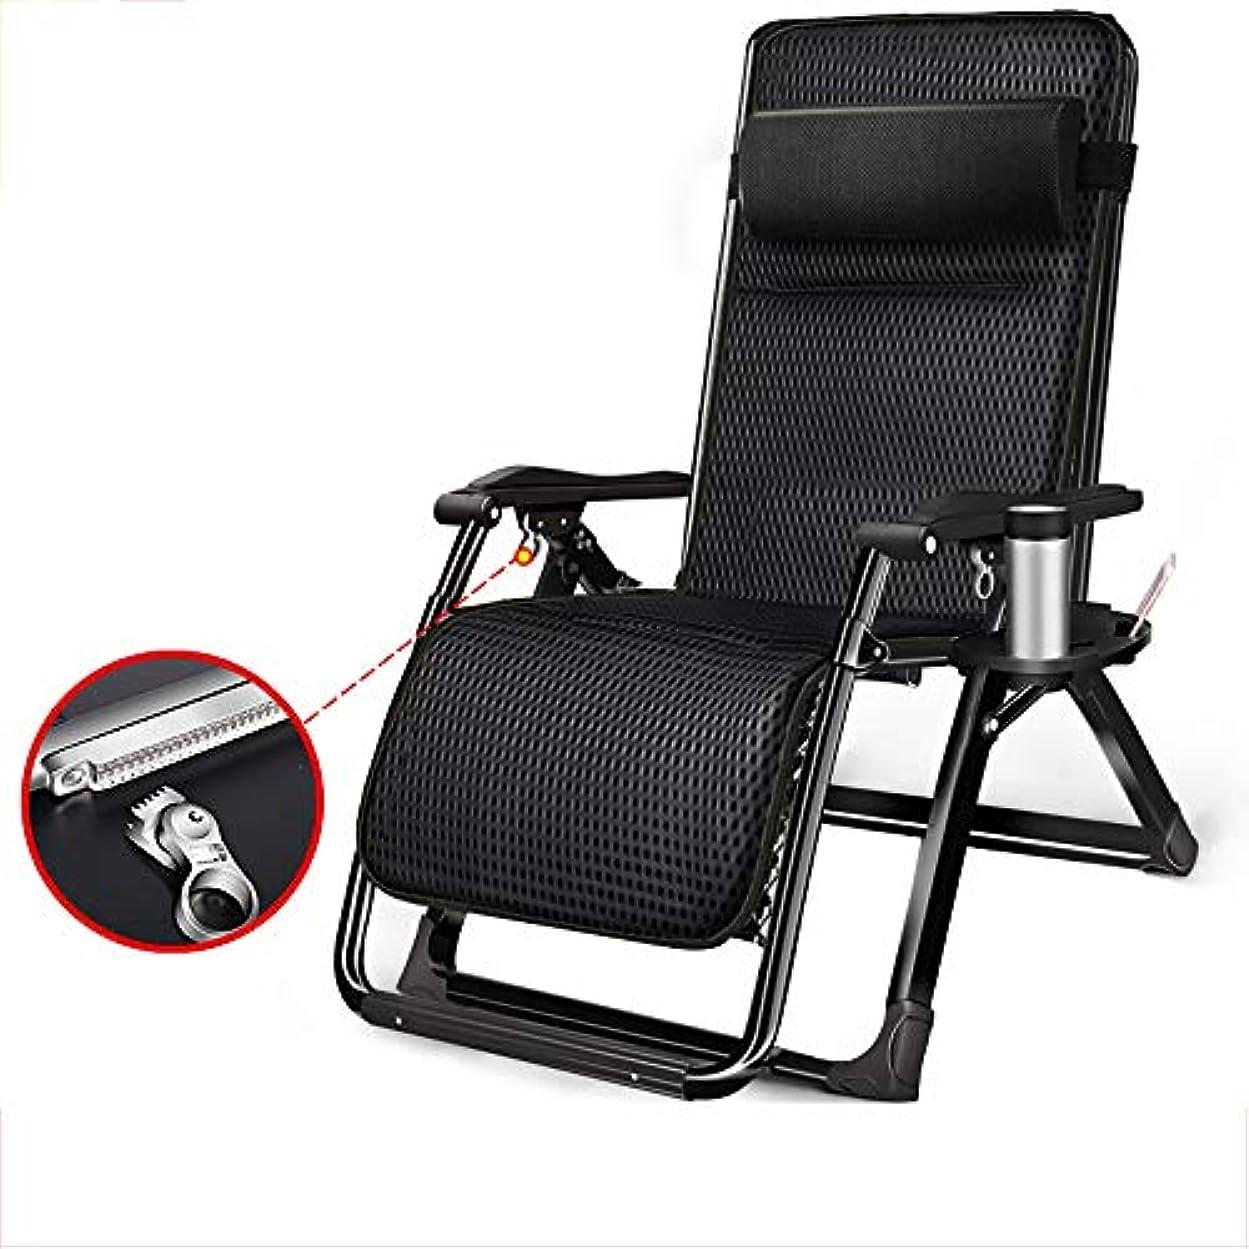 ジョガー指定プロペラSuper Kh® 多機能リクライニングアウトドアガーデン怠惰な椅子シングル高齢者ポータブル折り畳み式ランチブレークバックレストアームチェア調節可能な軽量 (サイズ さいず : A-2#)